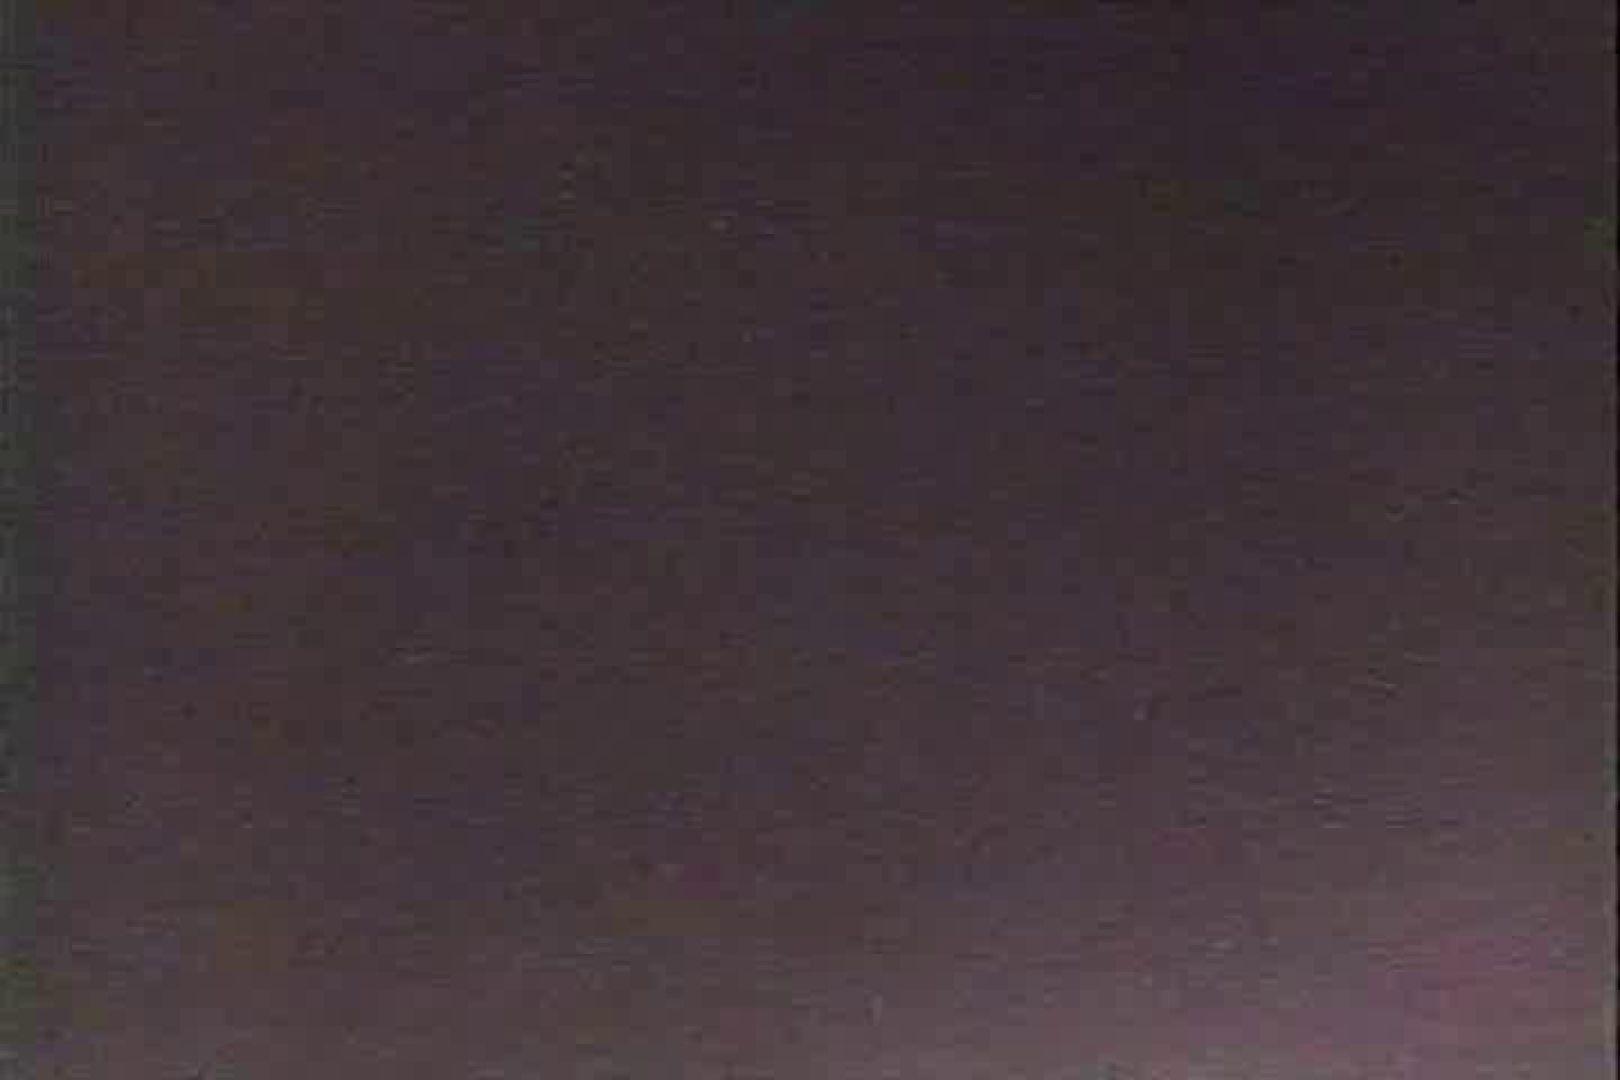 「ちくりん」さんのオリジナル未編集パンチラVol.1_01 OL  102枚 70